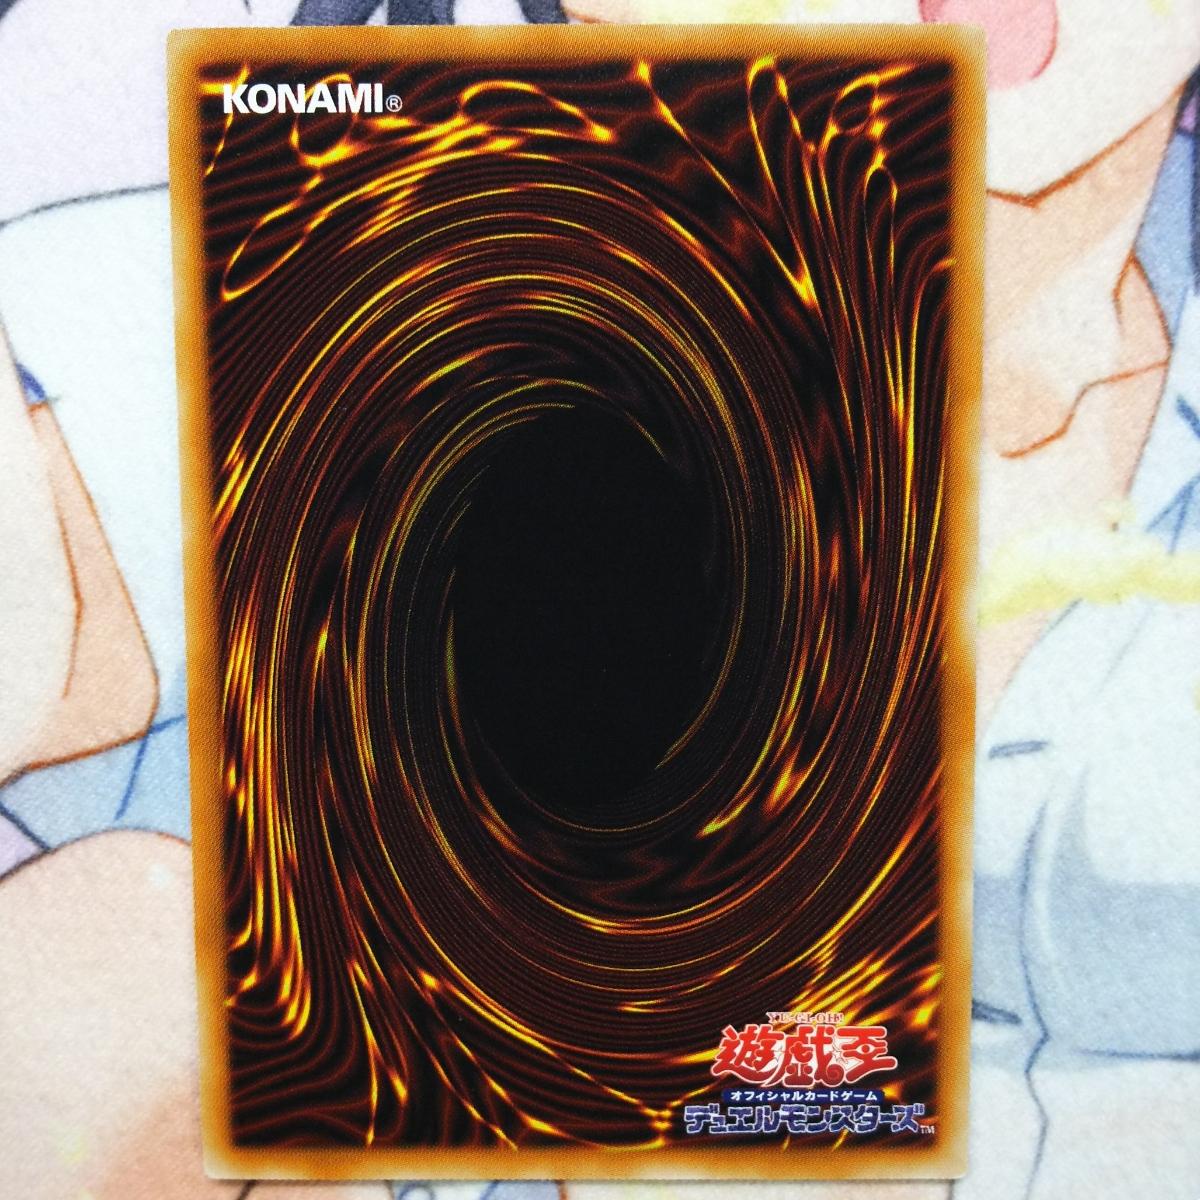 遊戯王 I:Pマスカレーナ/20thシークレット_画像2